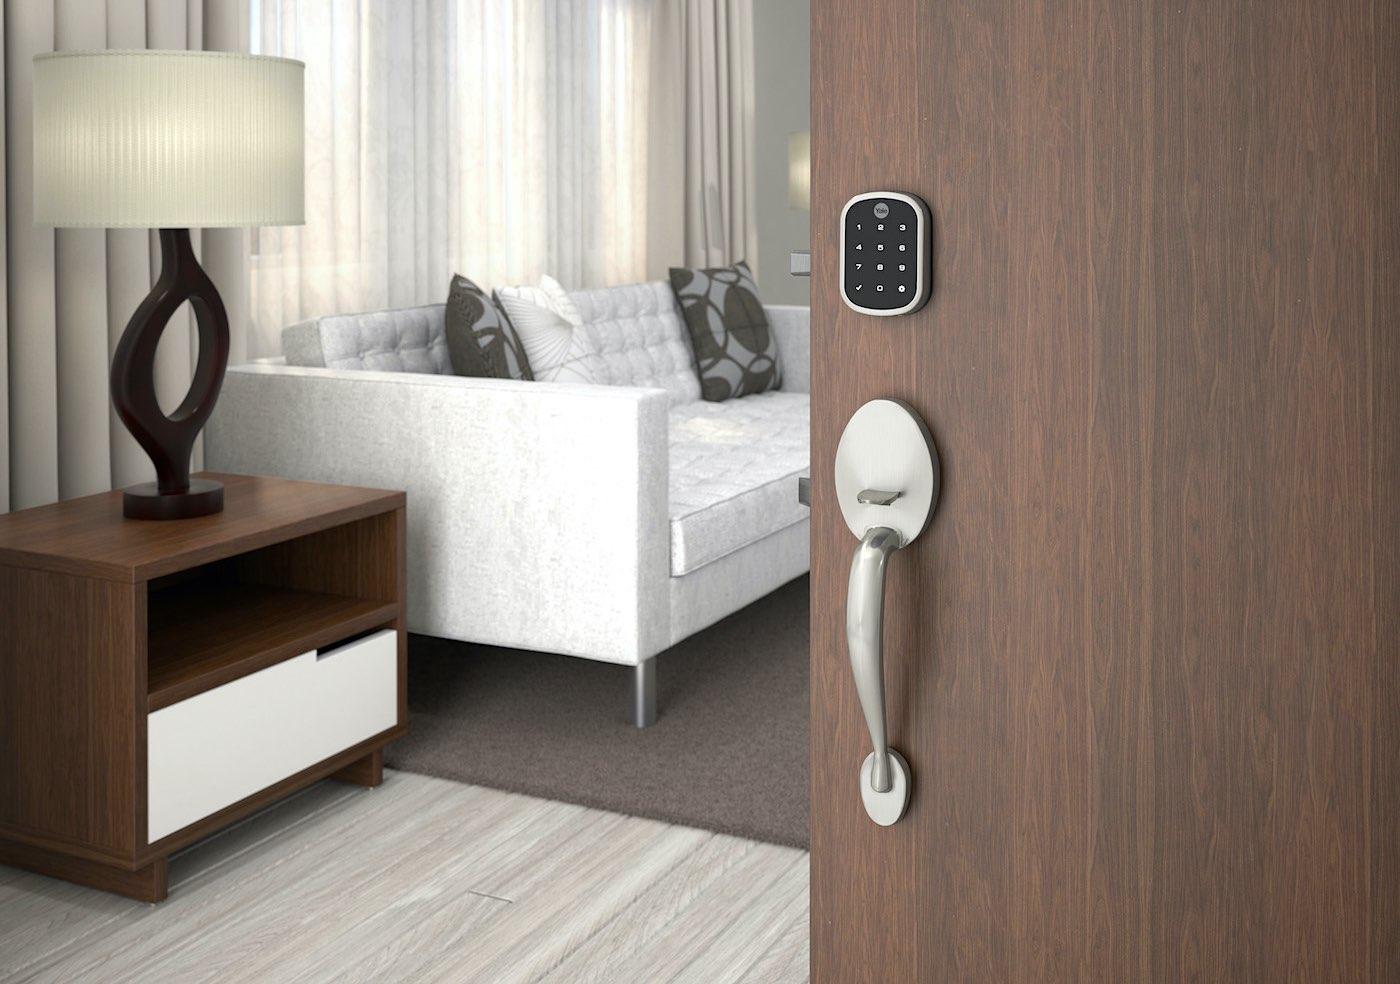 Puente de comunicación Wi-Fi para Cerraduras Digitales YALE, que permite convertir tus cerraduras, ¡en inteligentes!